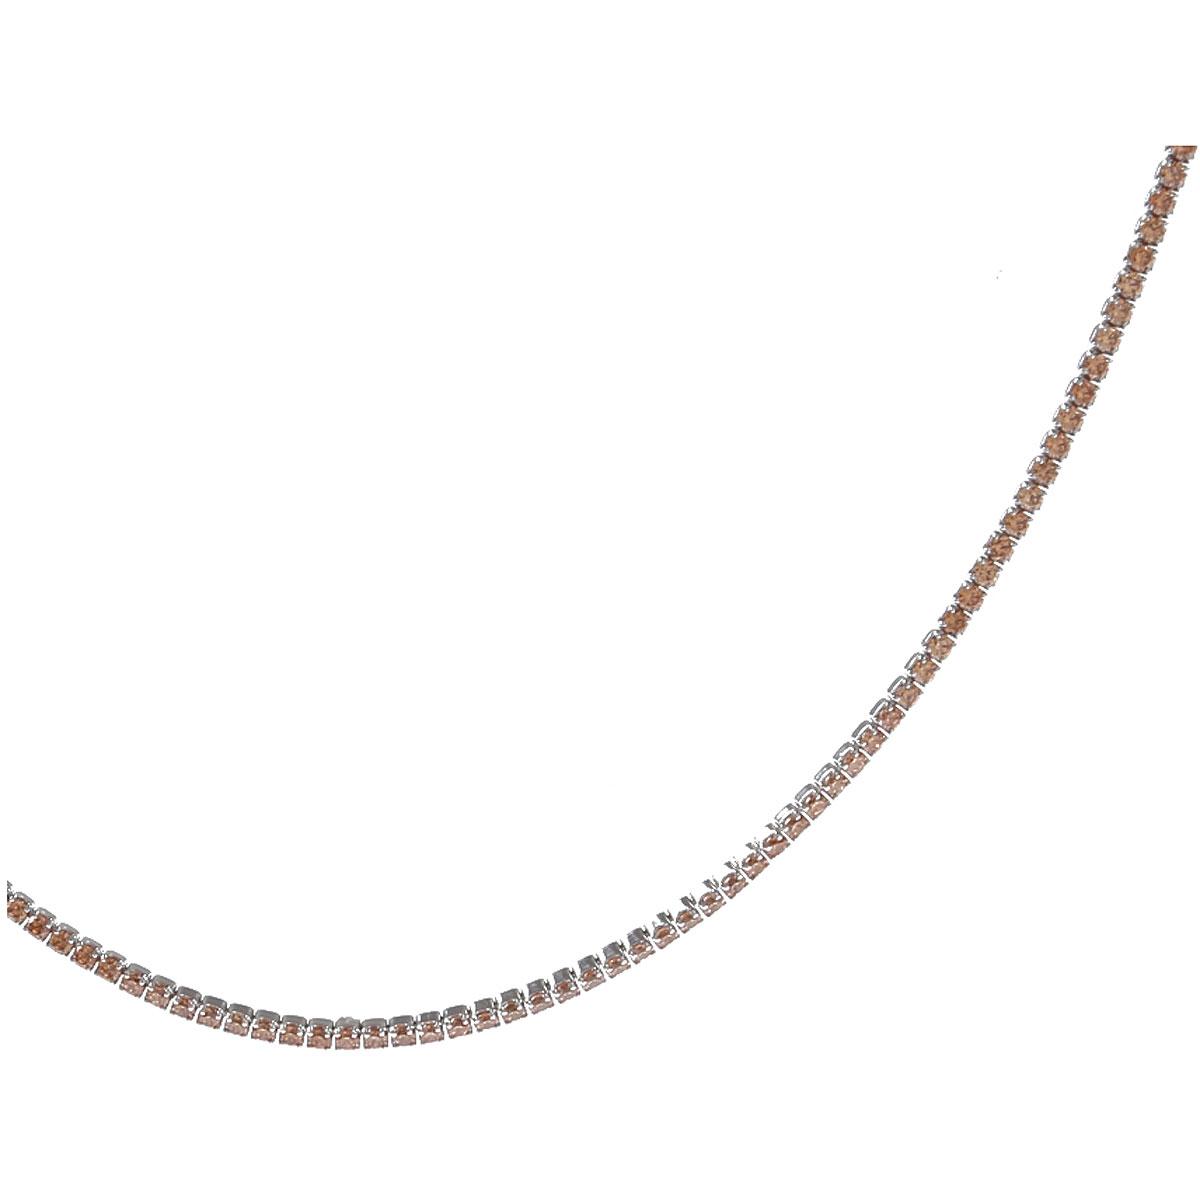 Francesca Angelone Necklaces, Silver, Silver 925, 2019